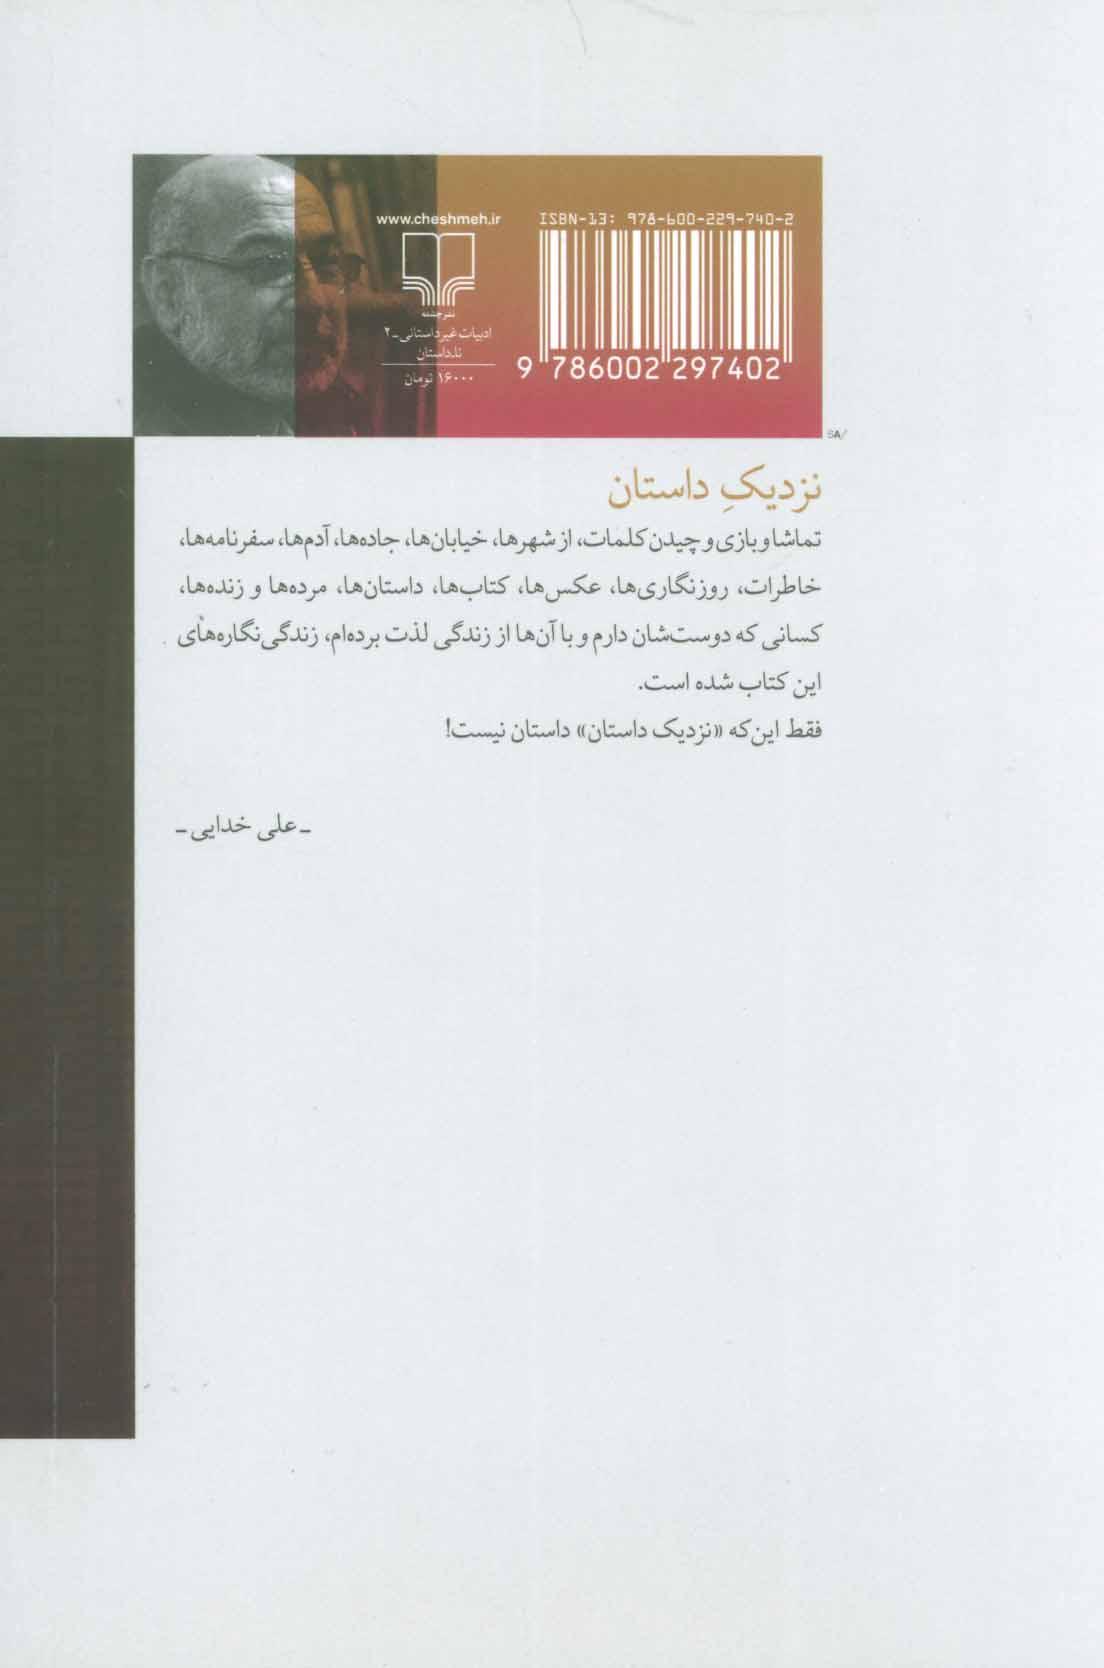 نزدیک داستان (نا-داستان 2)